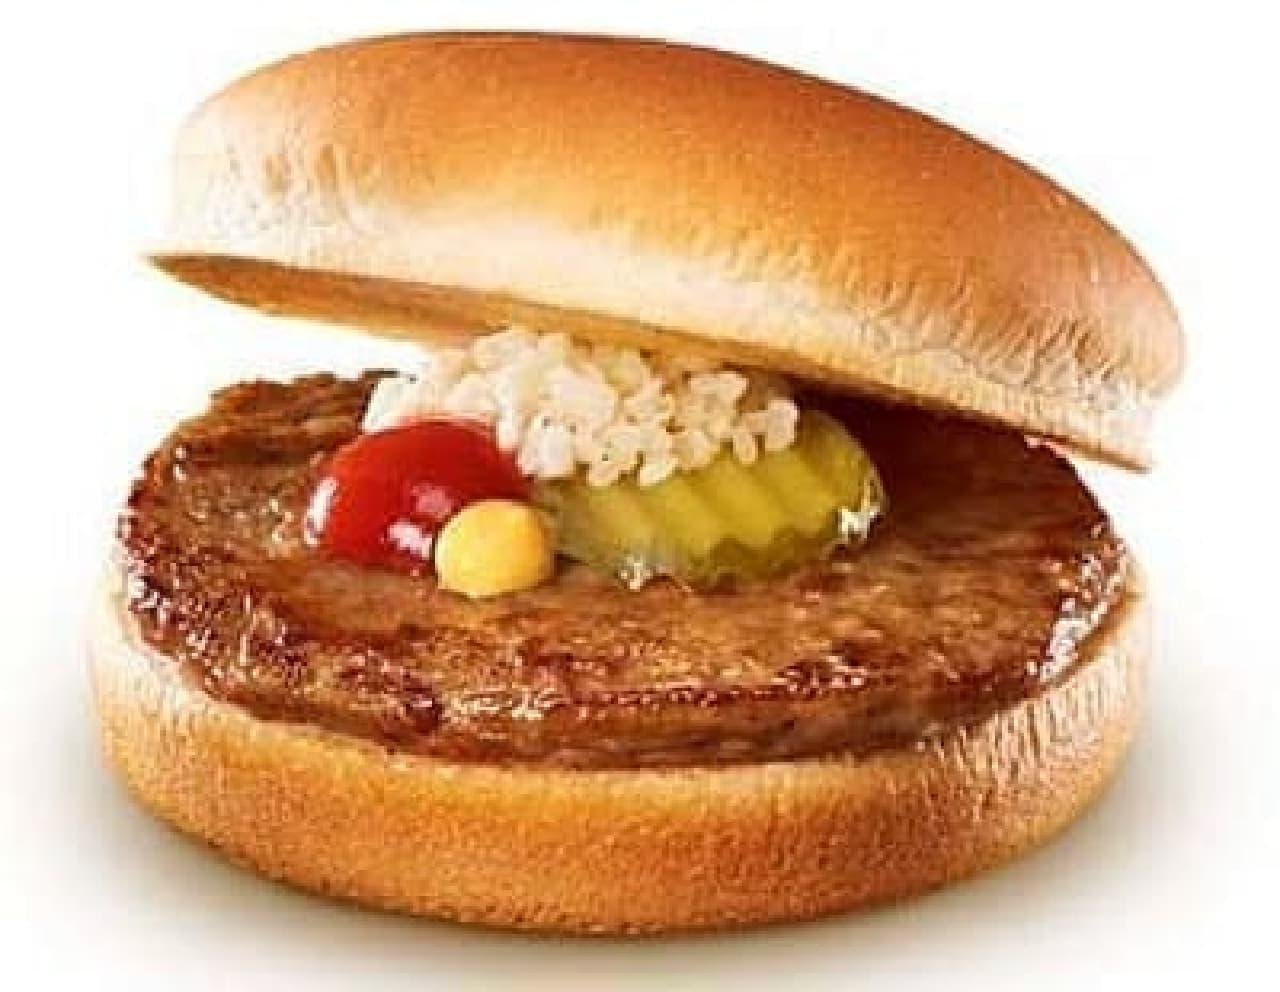 ロッテリアハンバーガー